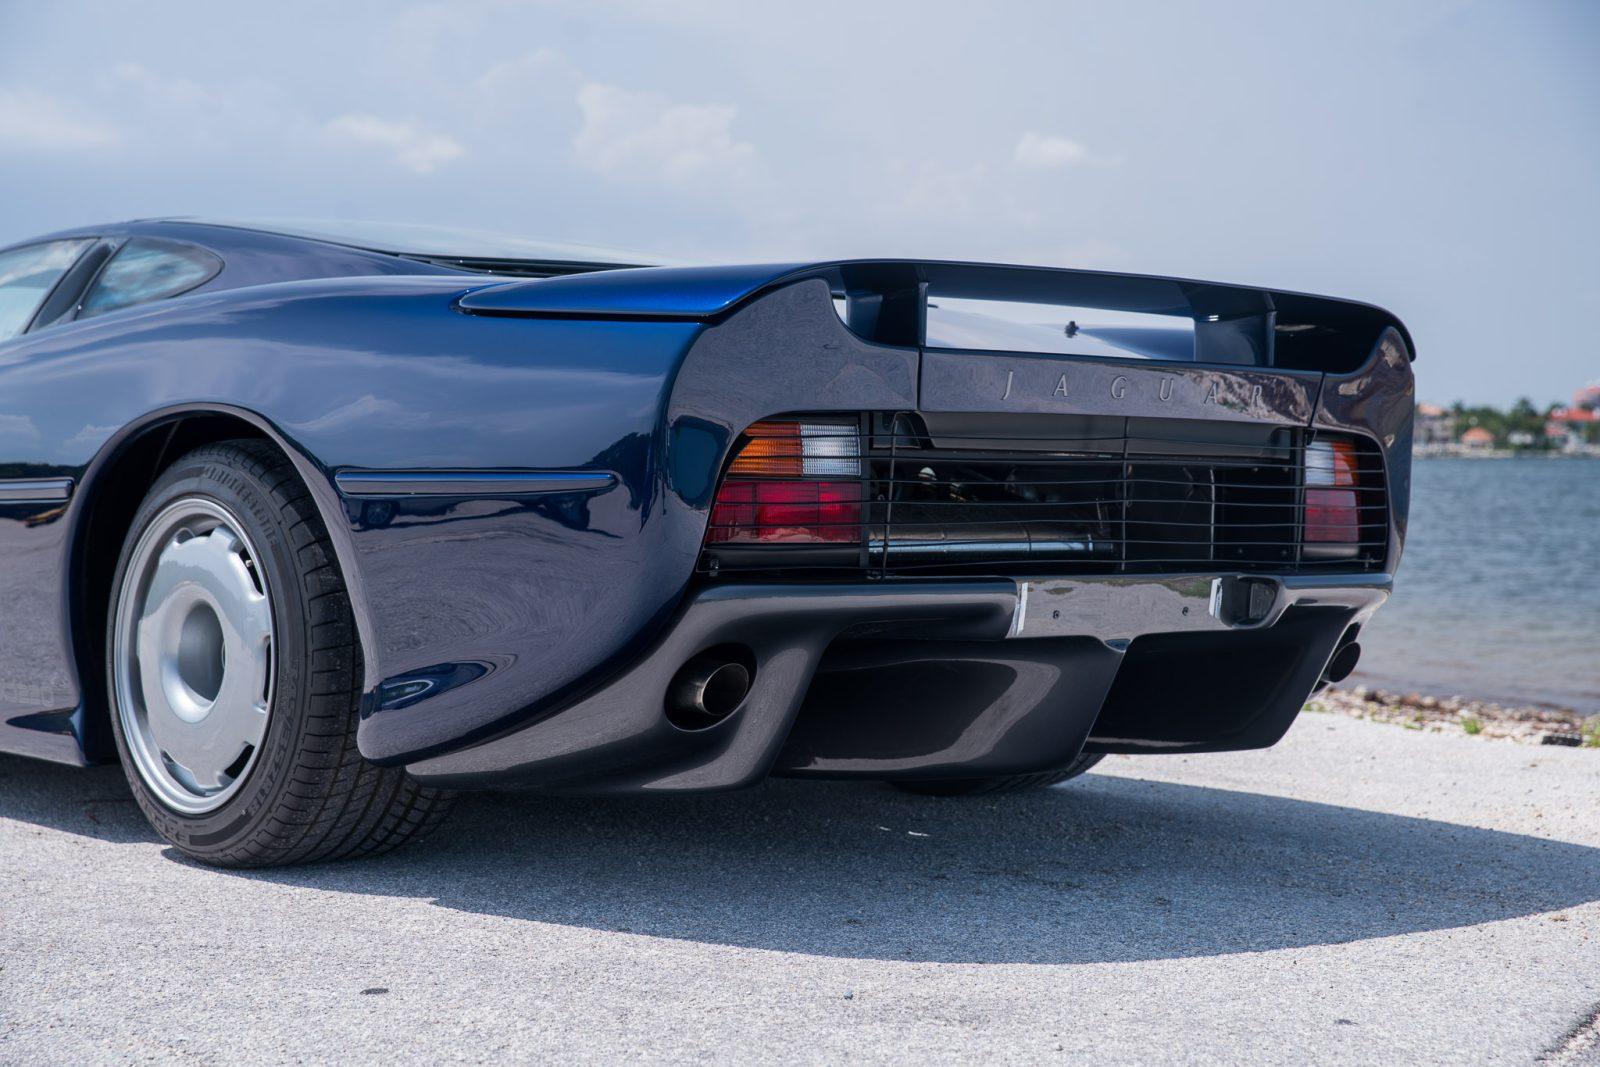 Jaguar Xj220 For Sale >> Jaguar Xj220 Blue 8 Curated